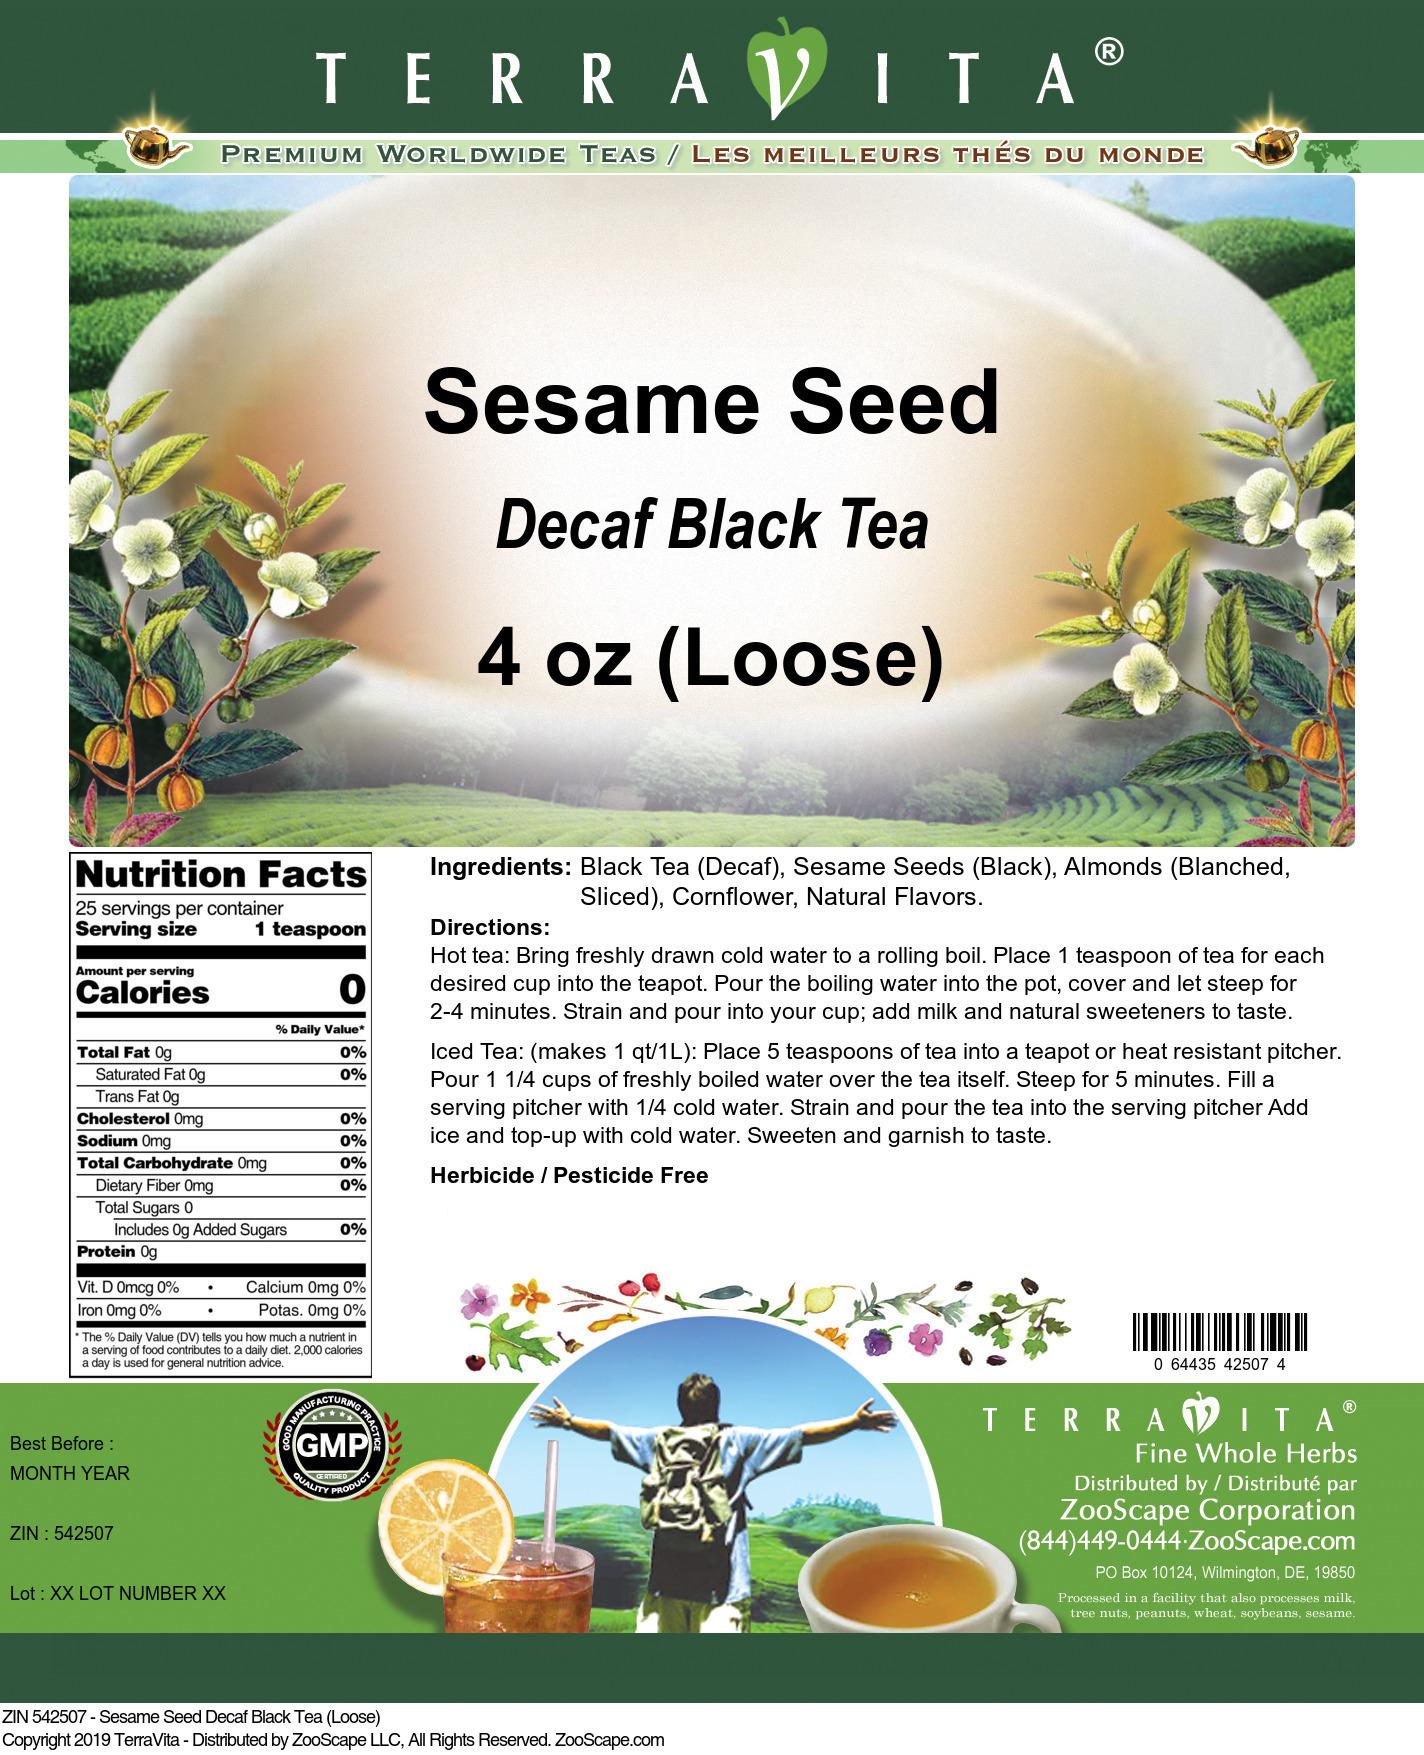 Sesame Seed Decaf Black Tea